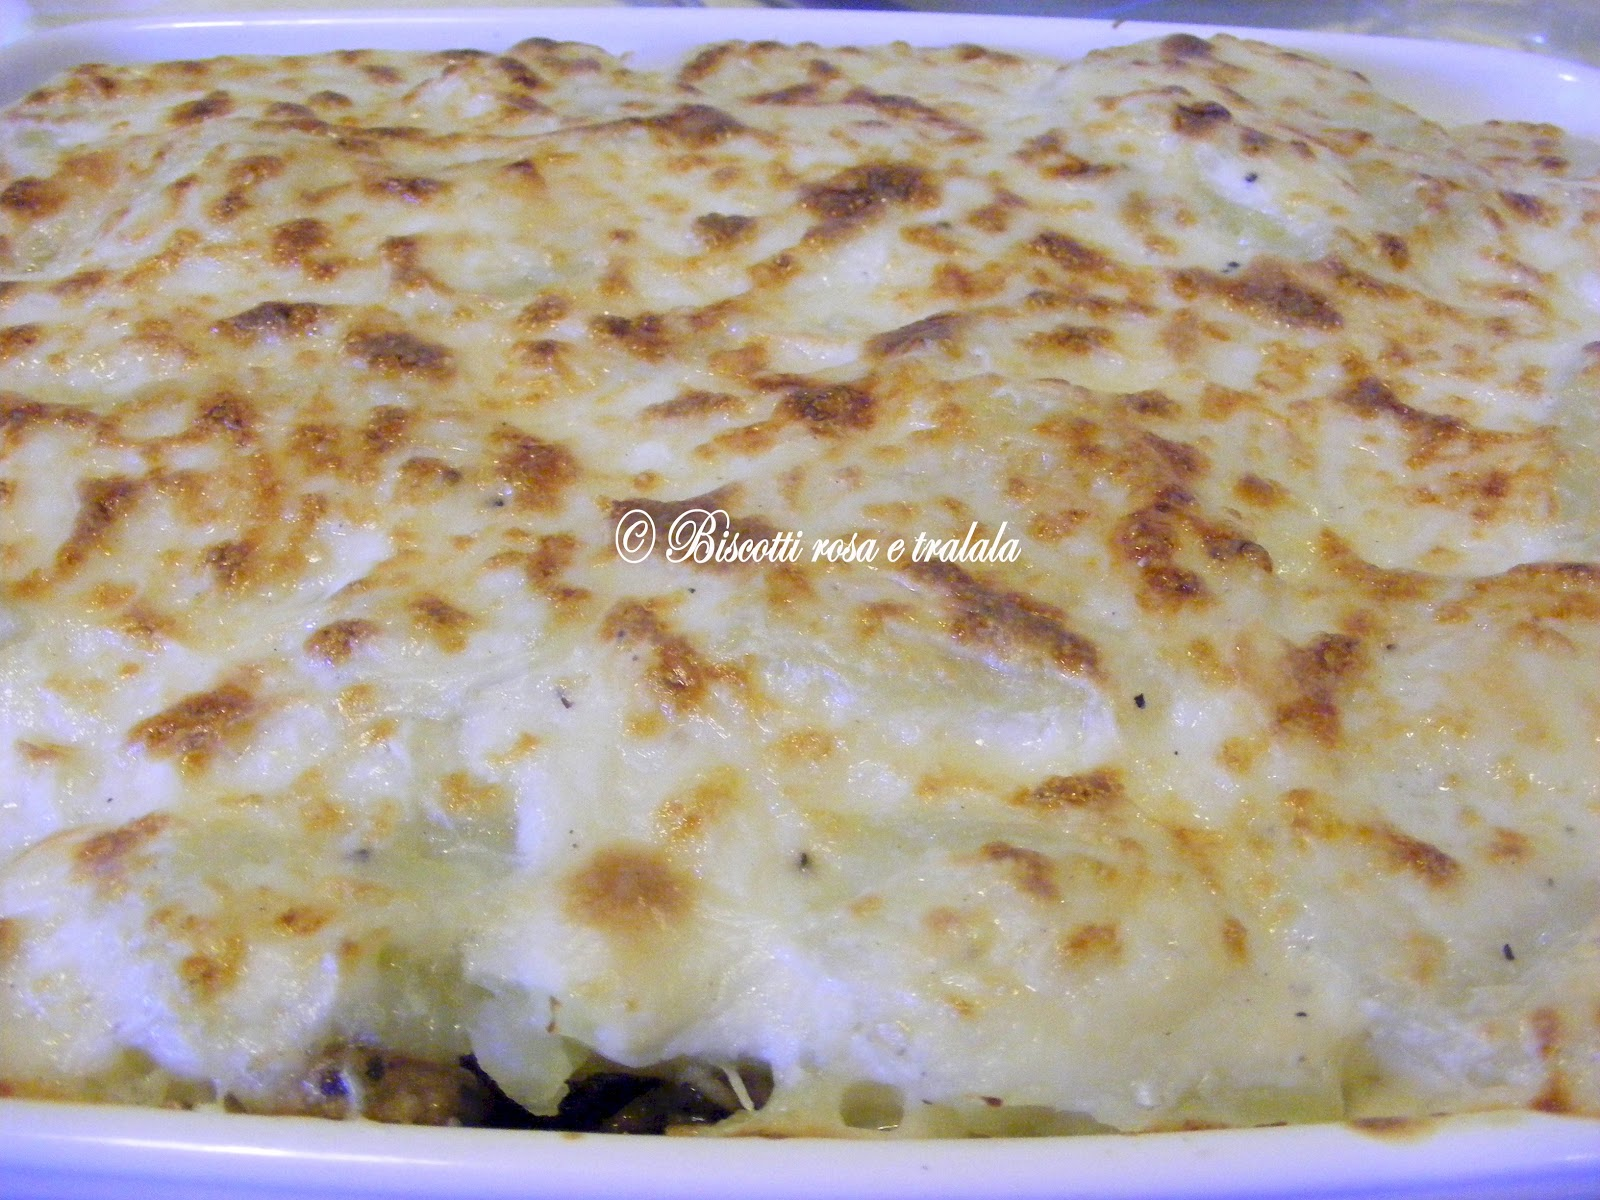 Biscottirosaetralala pommes de terre et raclette - Quantite pomme de terre raclette ...